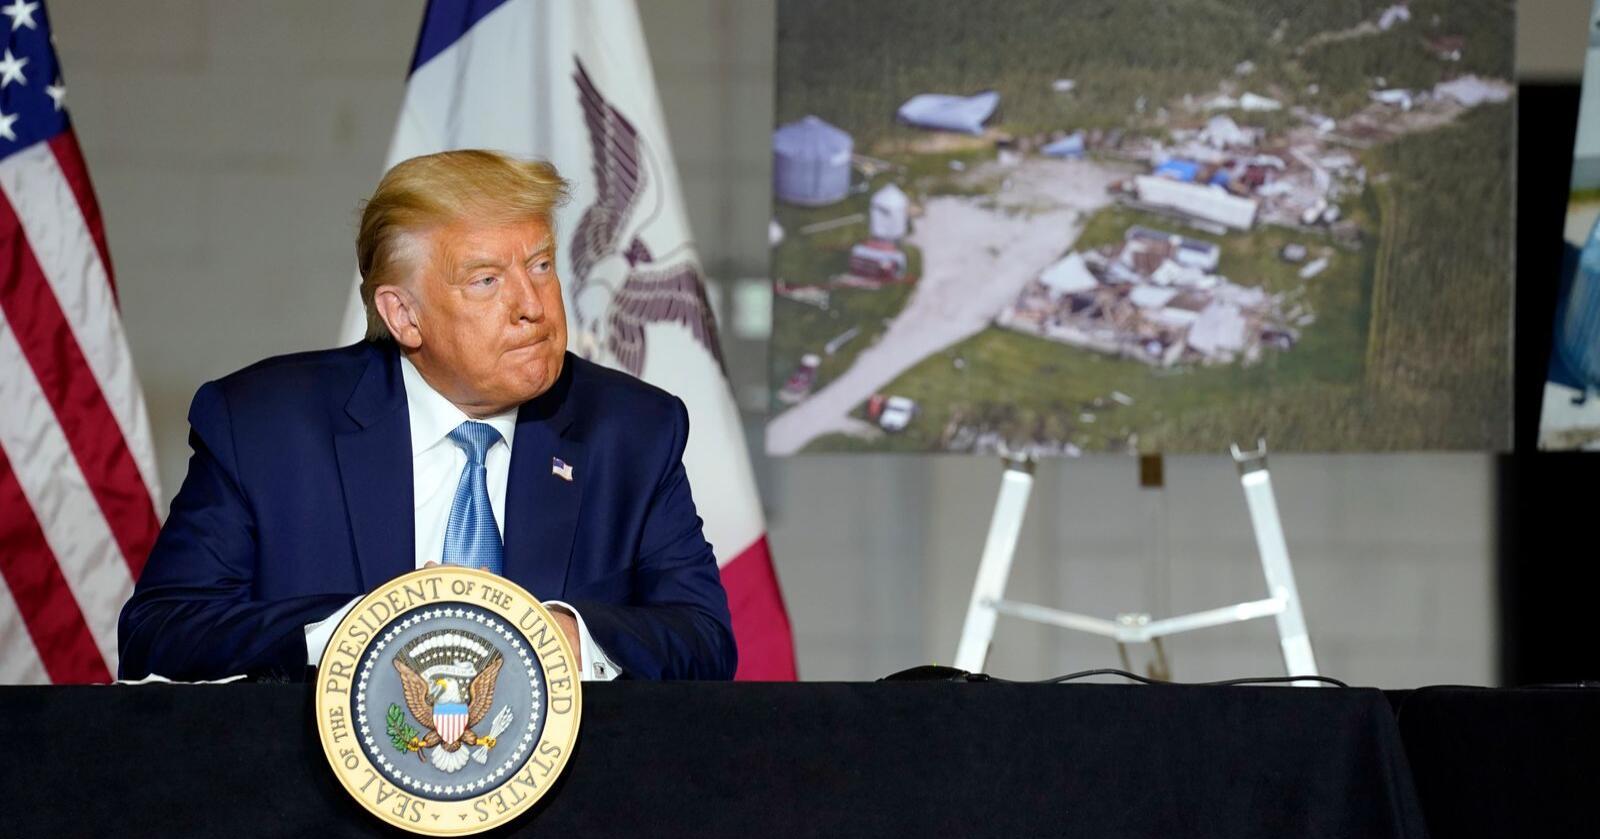 Trenger bondestøtte: President Donald Trump under et krisemøte i Cedar Rapids, Iowa etter flommen som traff Øst-Iowa i høst. Det var andre storflommen på to år, etter at 400.000 dekar i jordbruket i Iowa ble oversvømmet i 2019. Foto:  Evan Vucci / AP / NTB